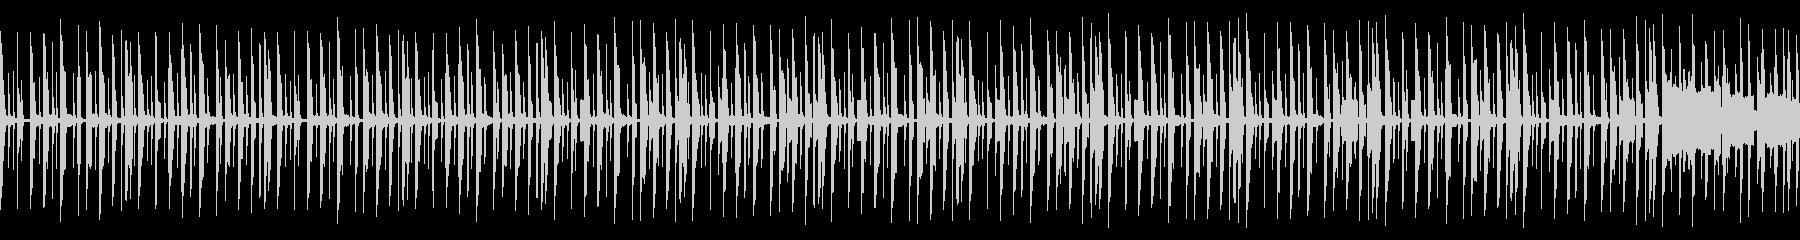 【ループ版】8ビット/チップチューン系の未再生の波形